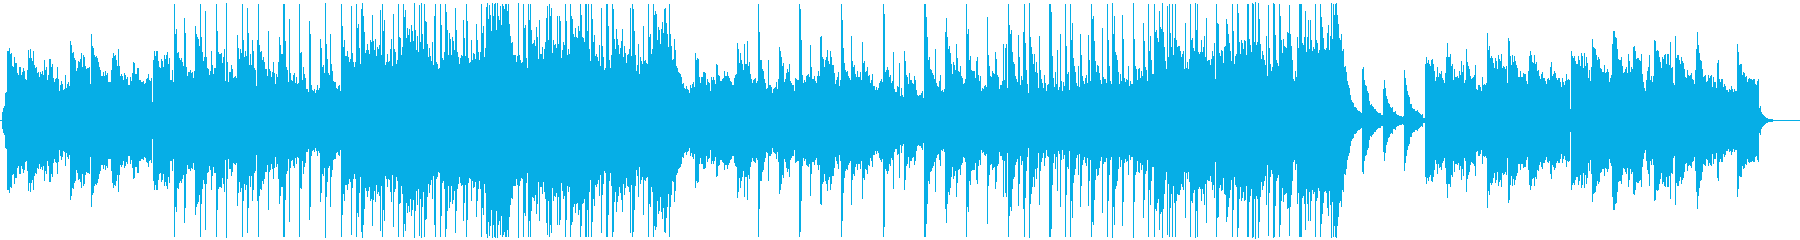 切ないノベルゲームの日常パートBGM風の再生済みの波形